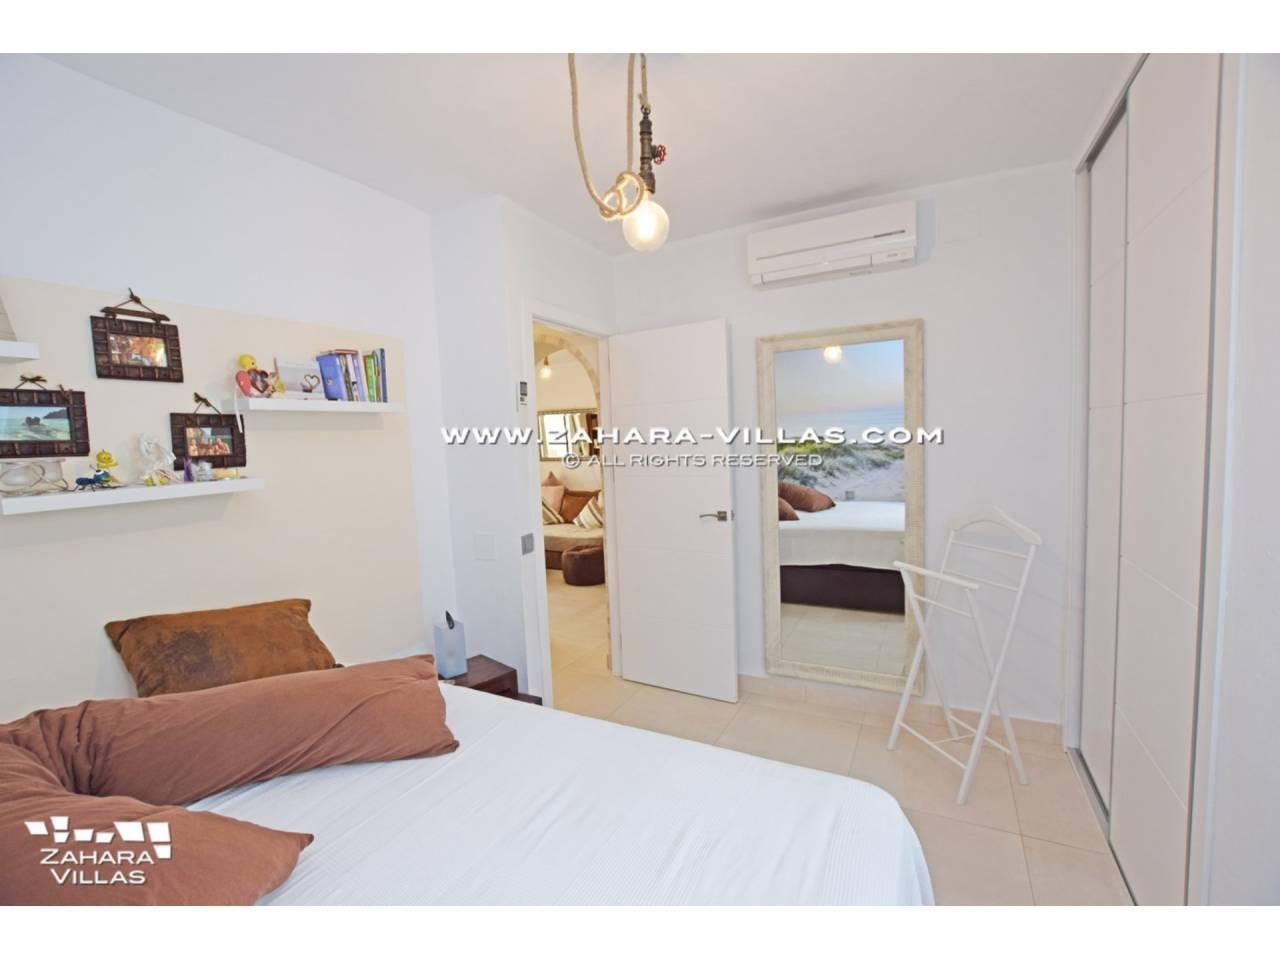 Imagen 24 de Penthouse appartment reformed for sale in Costa de la Luz